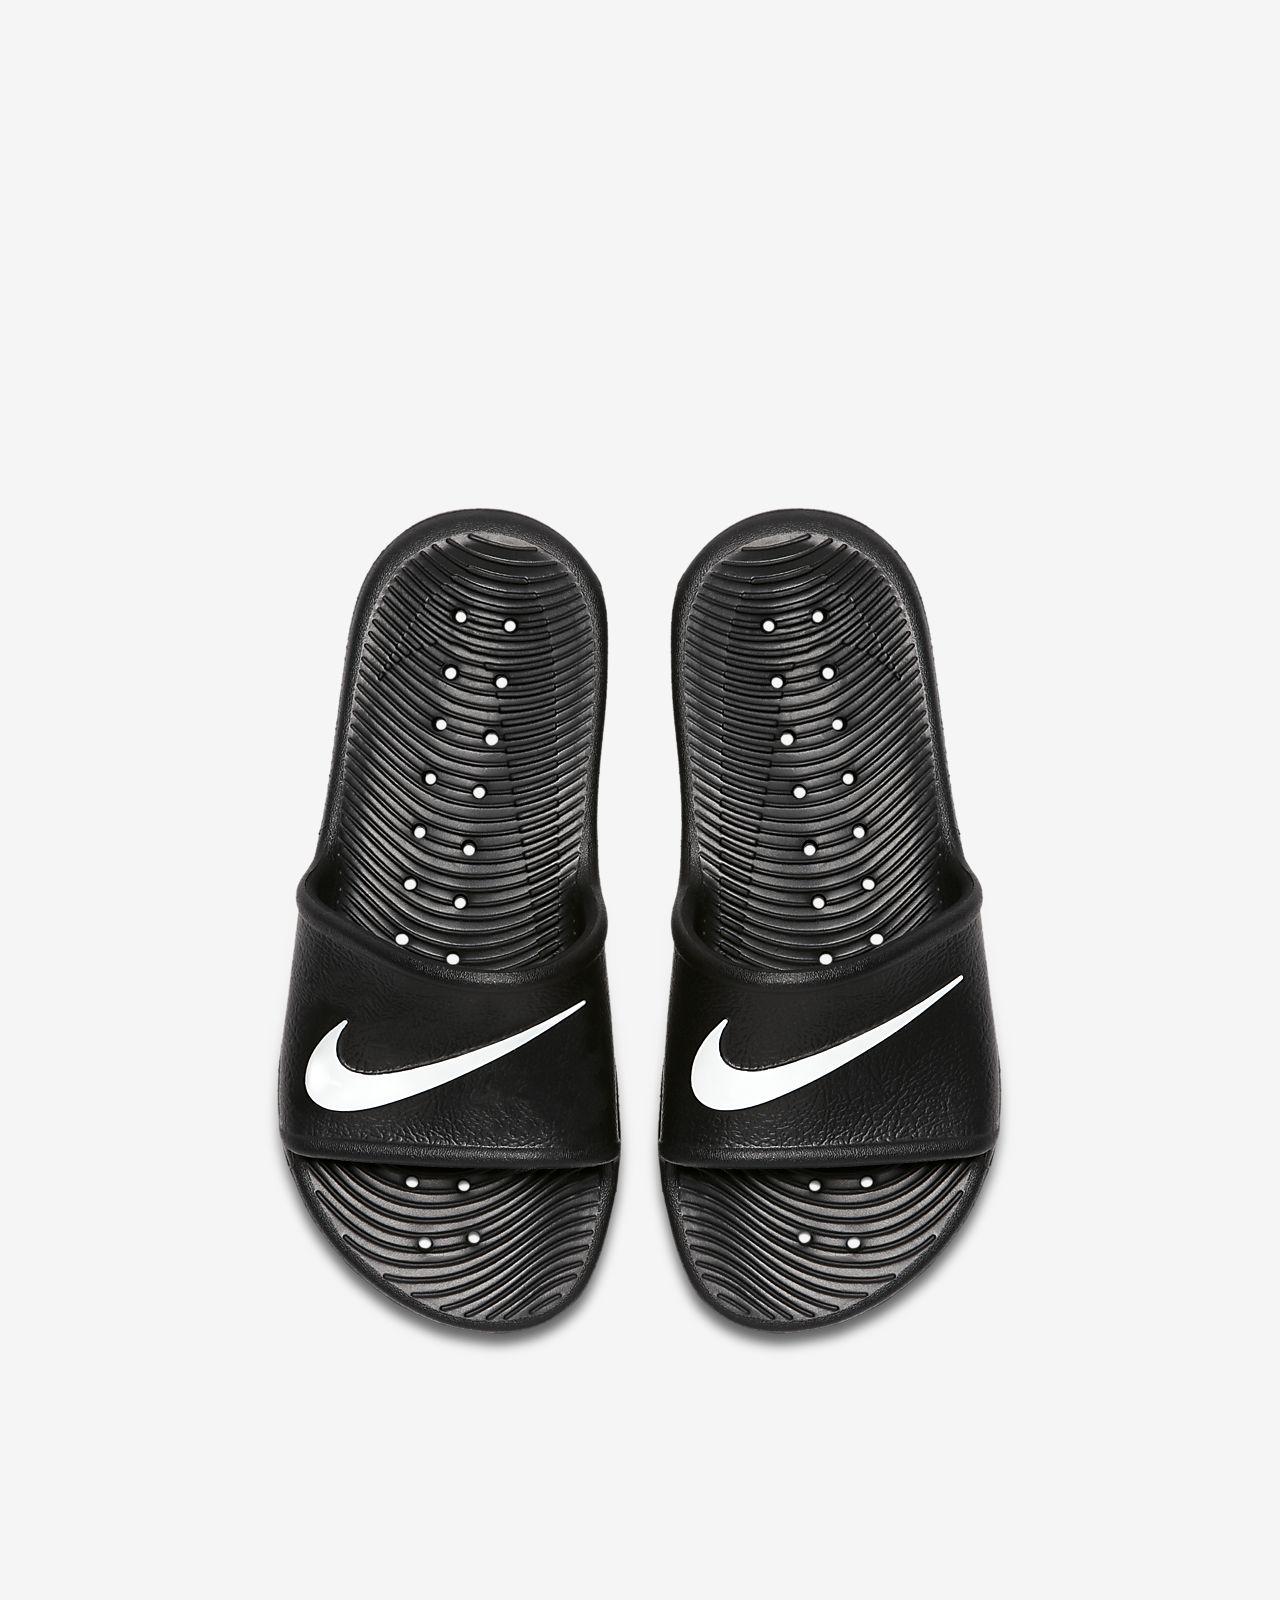 b339fd740729e2 Nike Kawa Shower Older Kids  (Boys ) Slide. Nike.com AU